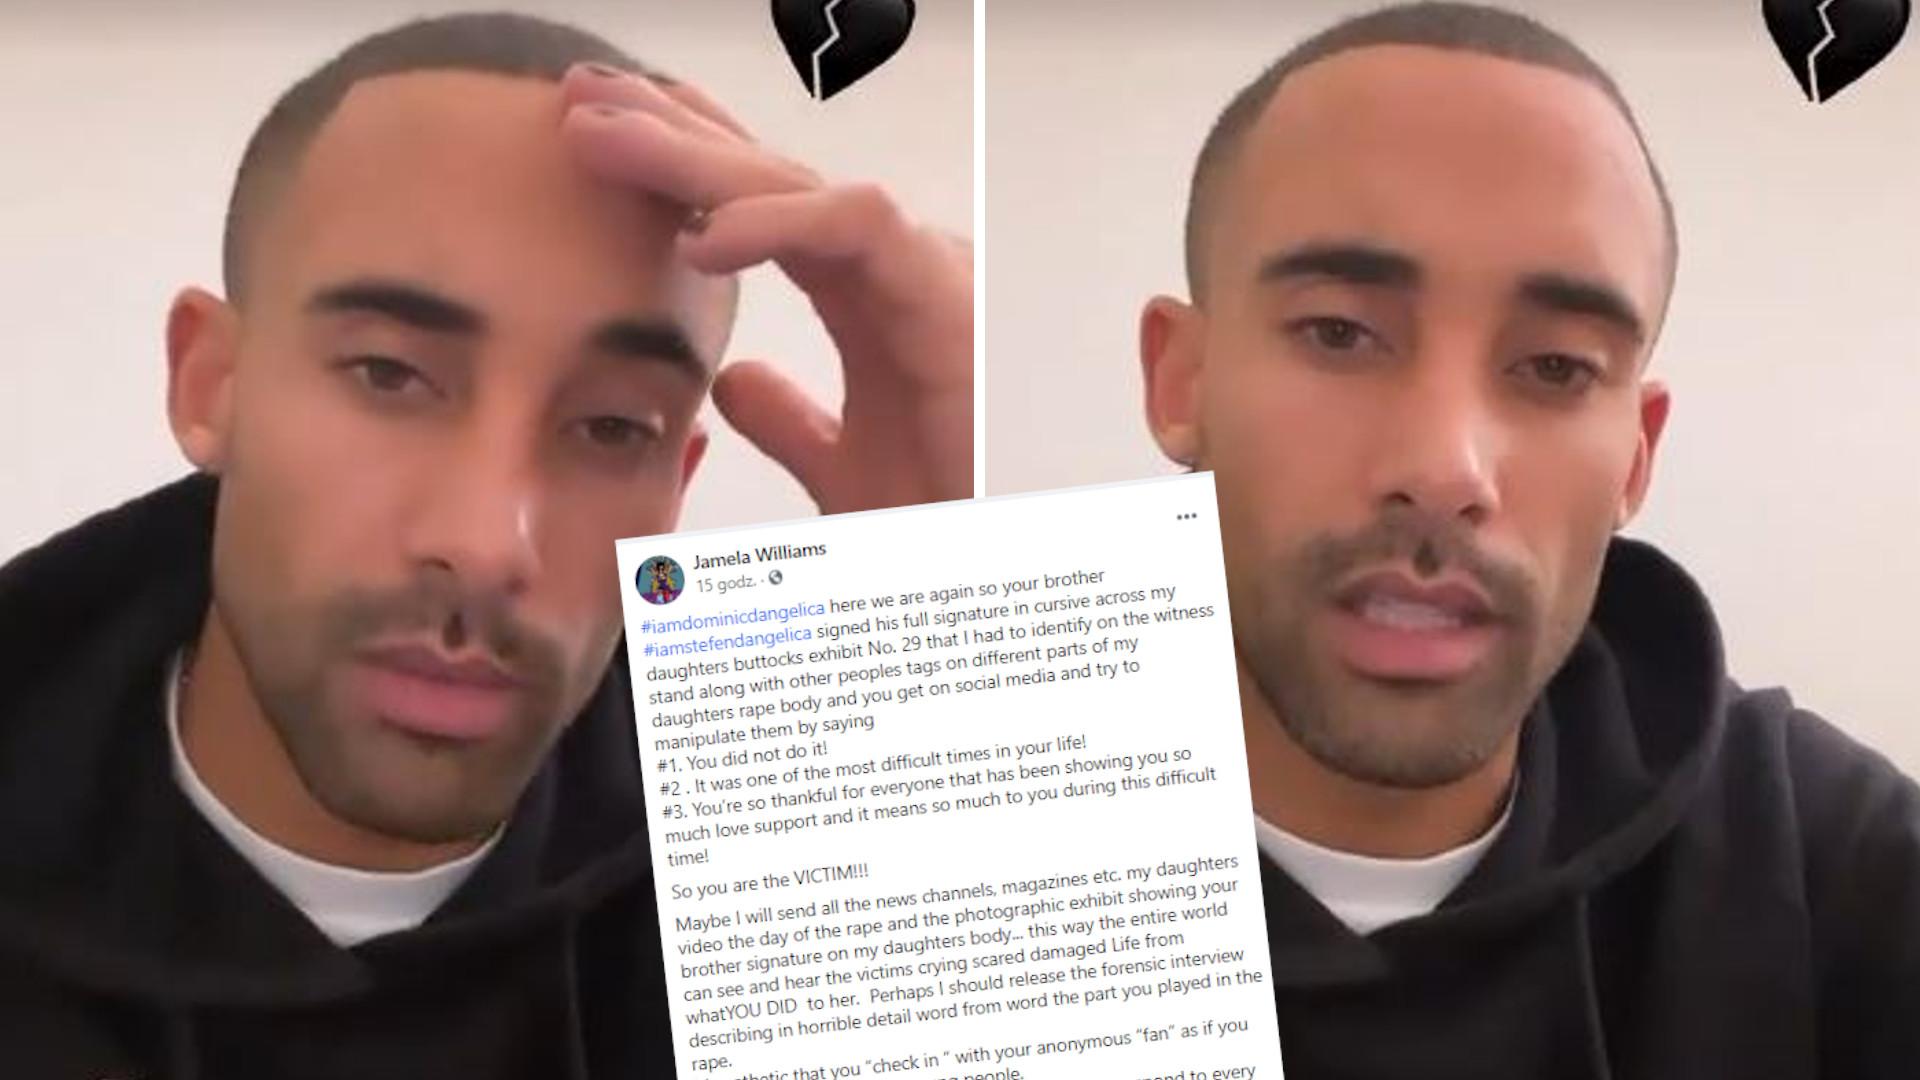 Dominic D'Angelica wrócił na Instagram. Matka jego ofiary REAGUJE na wideo, które zamieścił